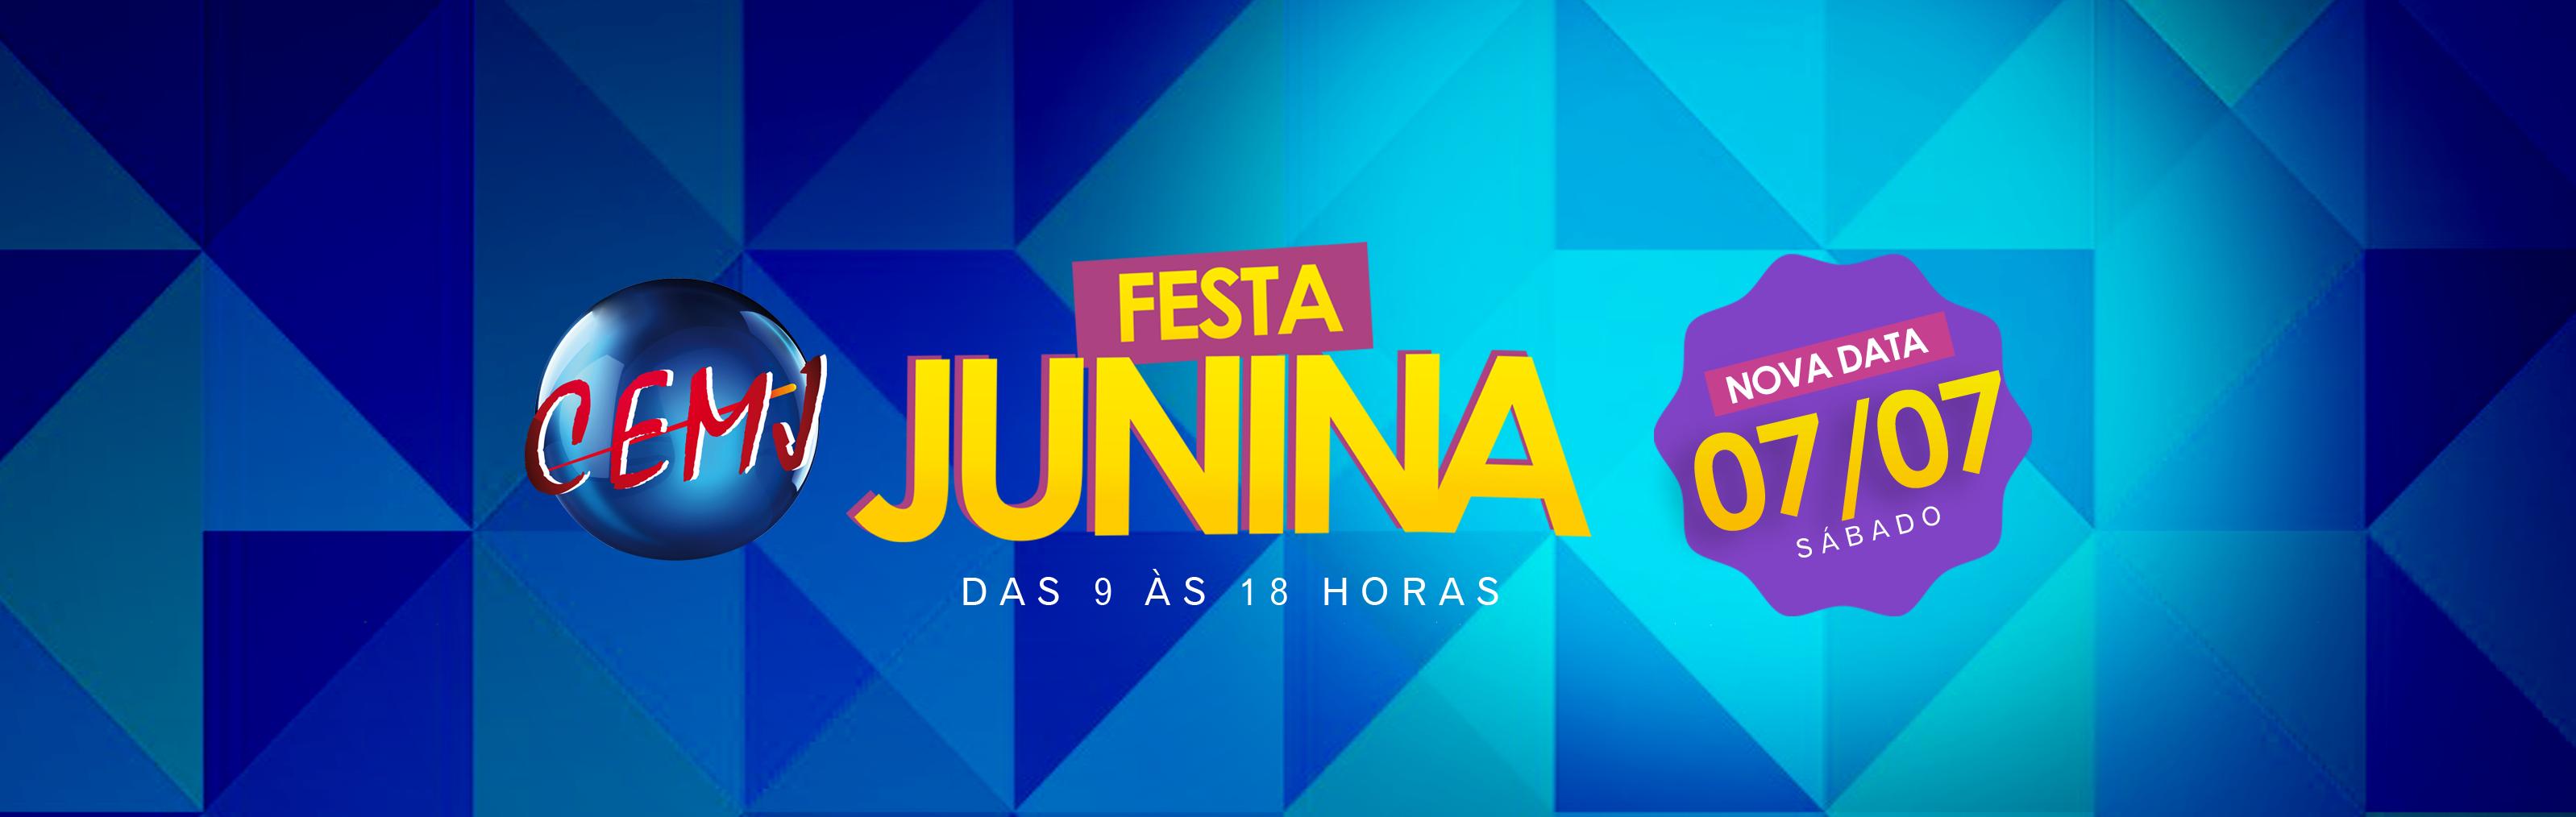 Banner_Festa_Junina20181